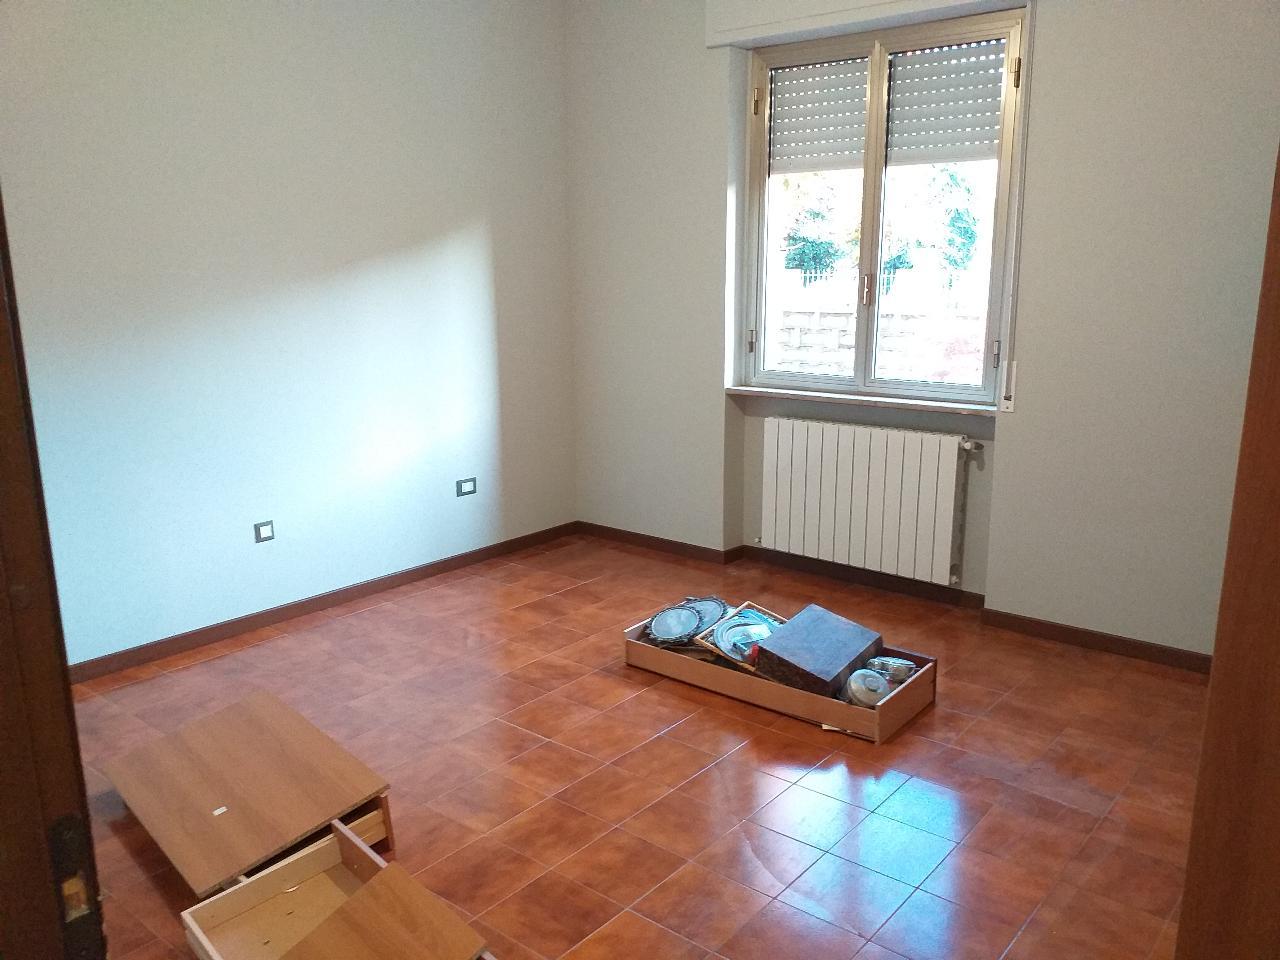 Appartamento SAN MARINO DI GADESCO €100.000,00